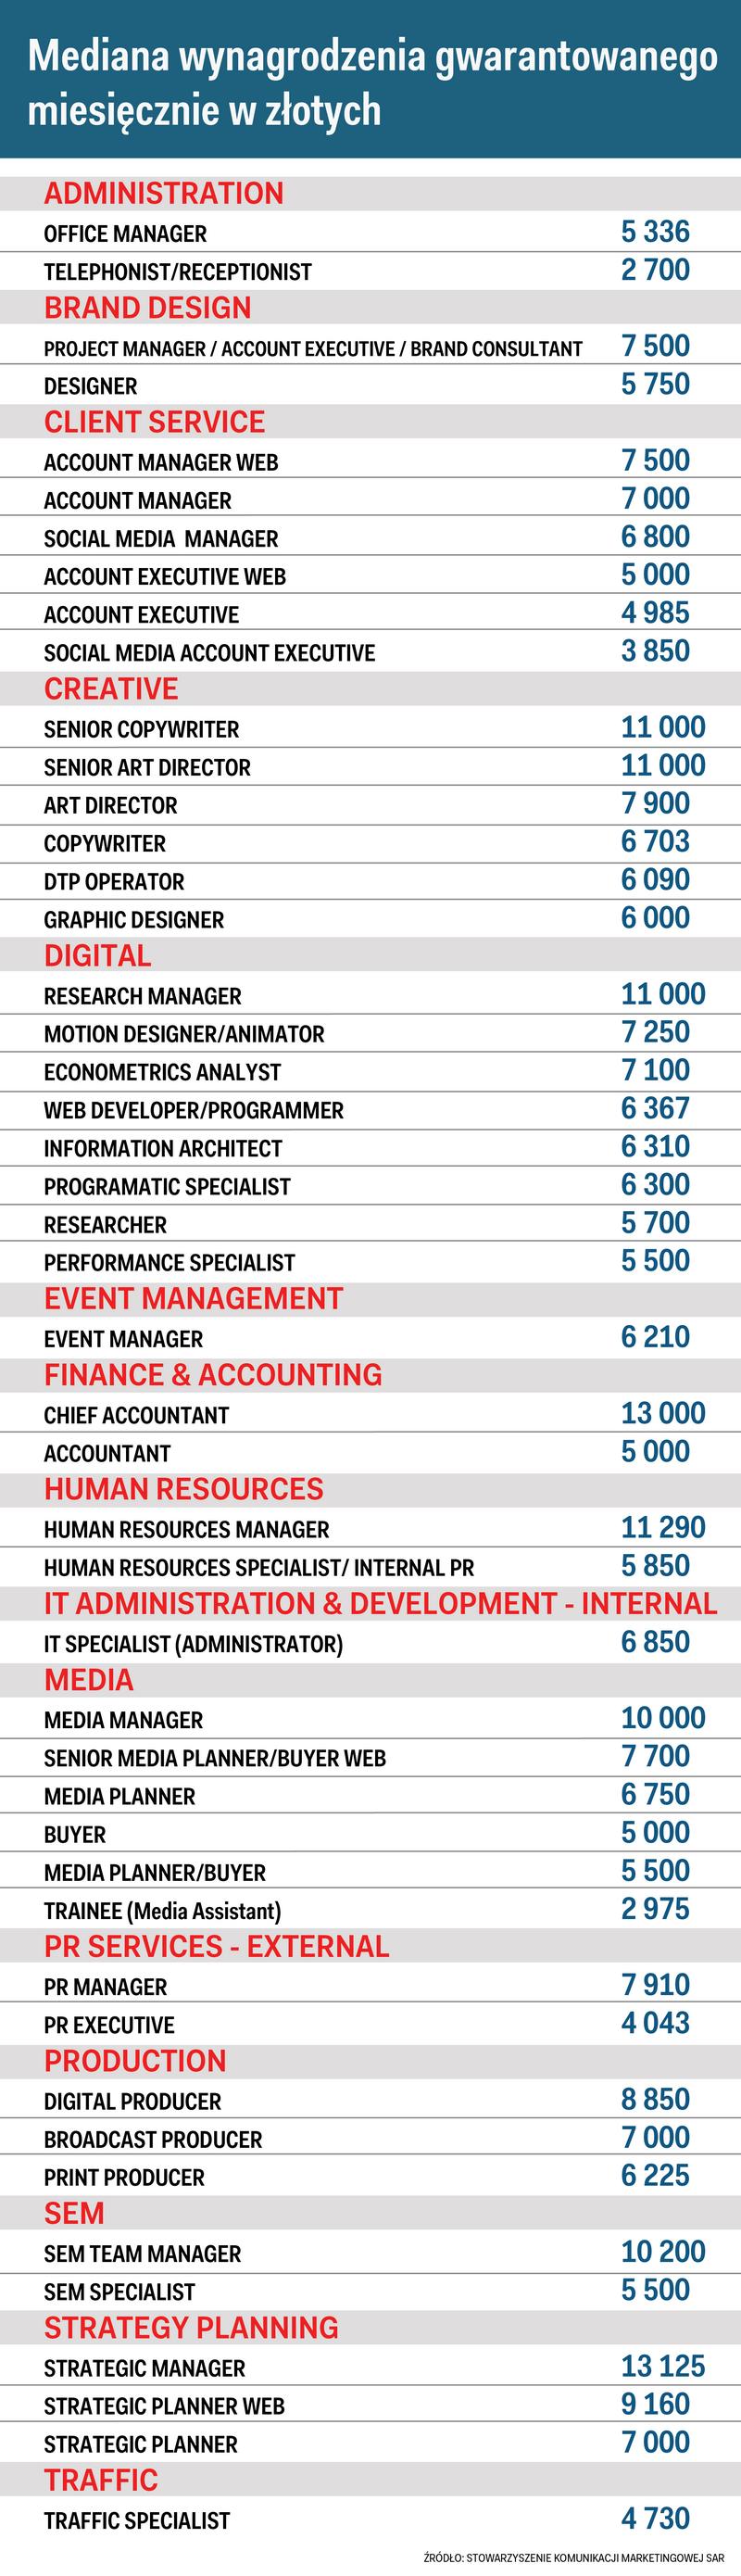 Wynagrodzenia w branży marketingowej w Polsce w 2016 roku